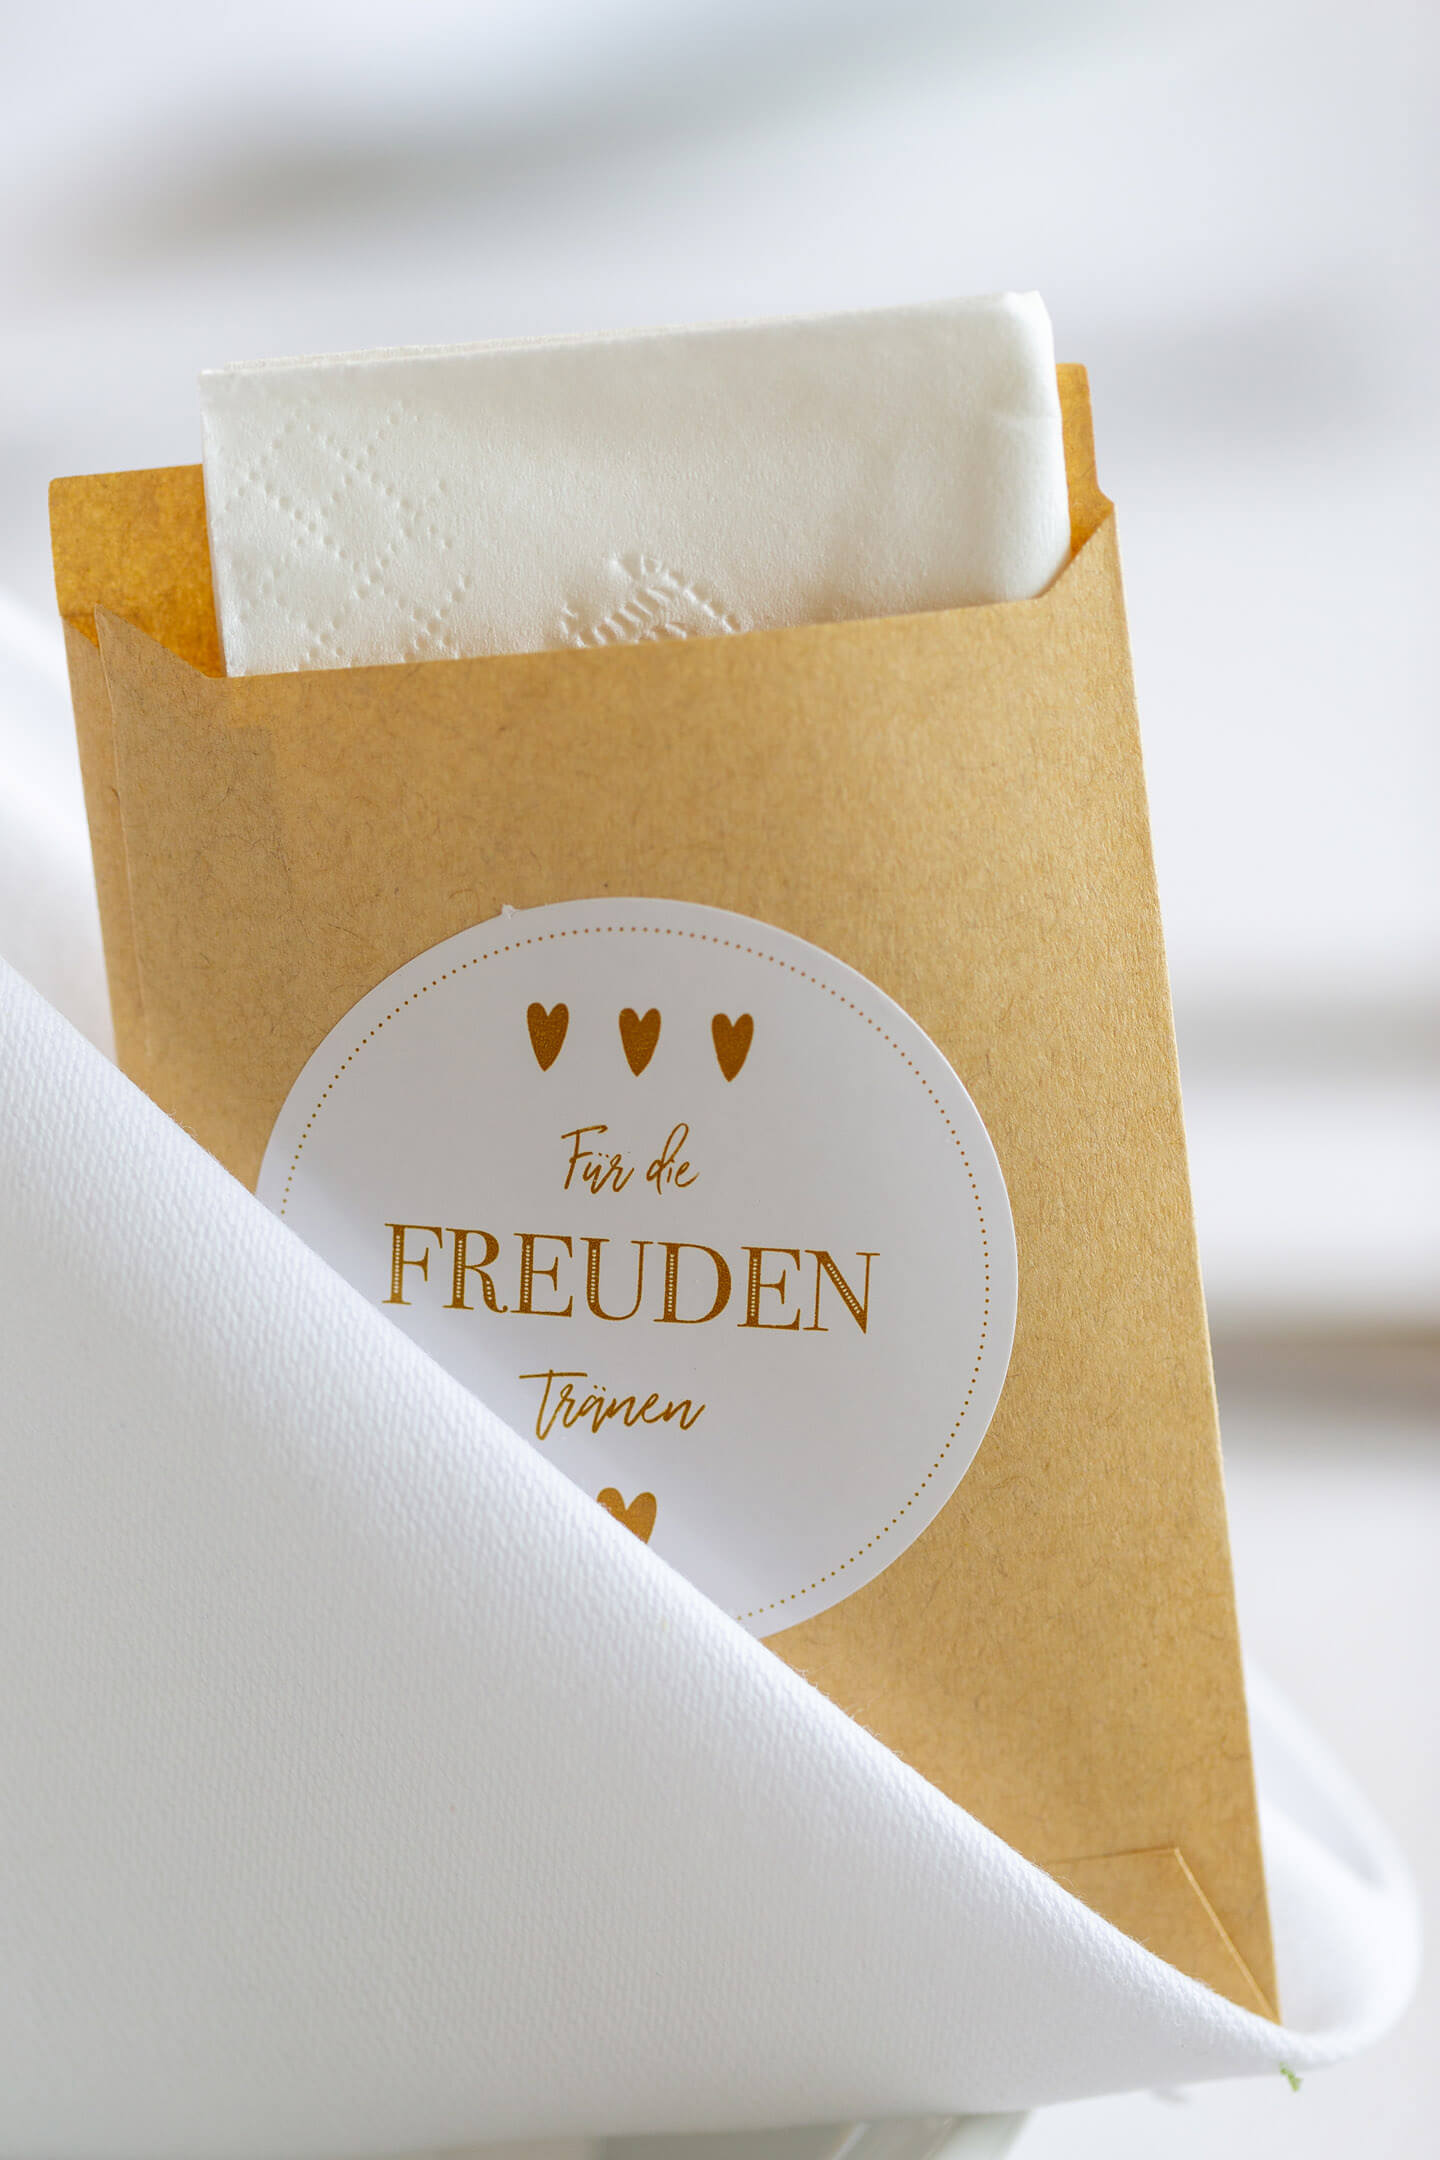 Taschentuch mit Aufdruck: Für die Freudentränen.